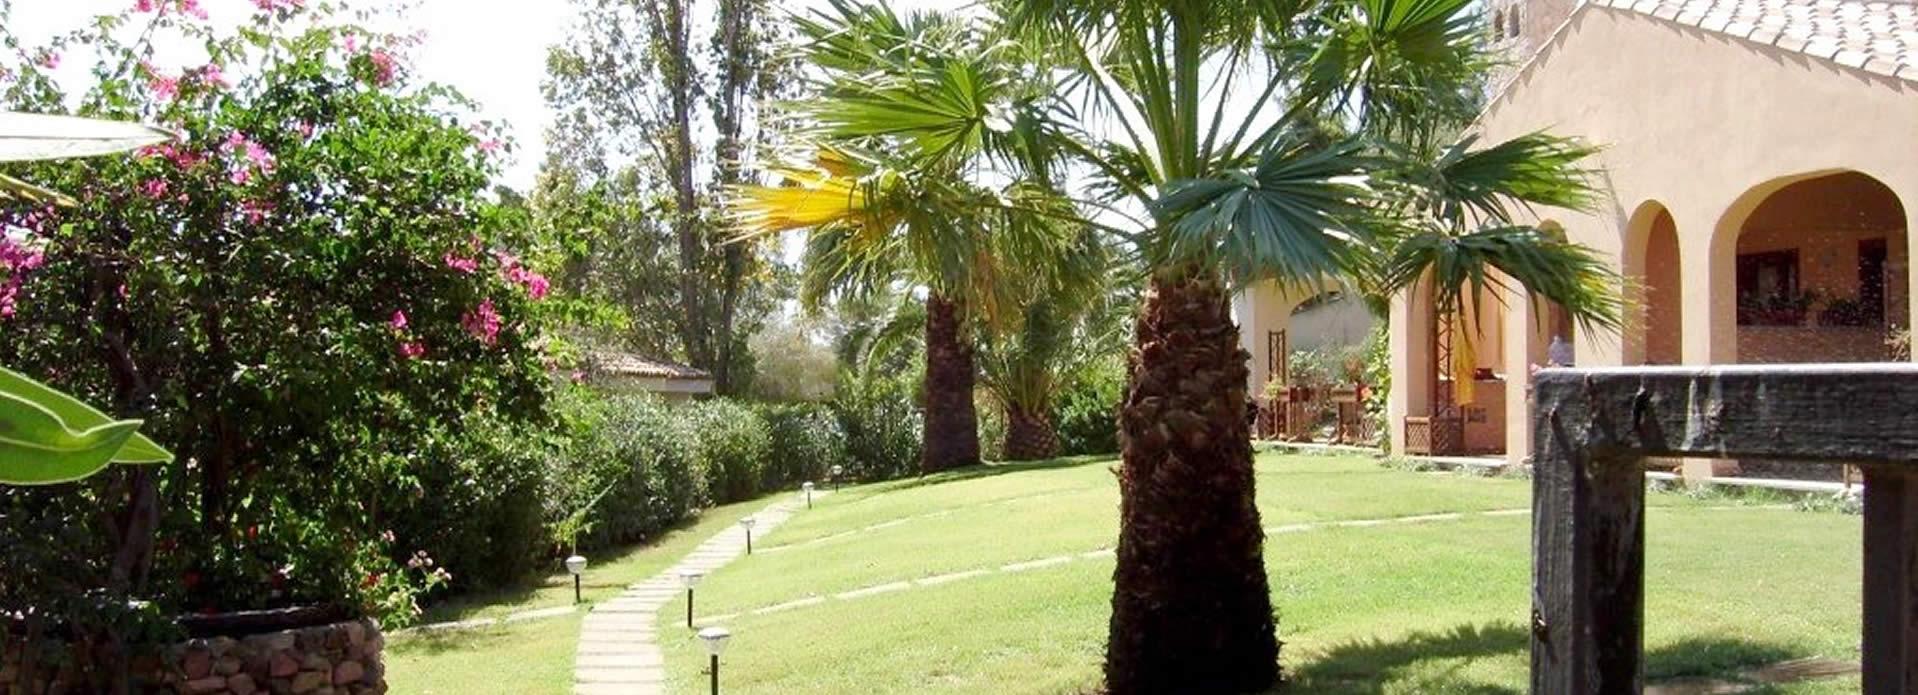 Immagine del residence Luna Rossa a Costa Rei, Sardegna